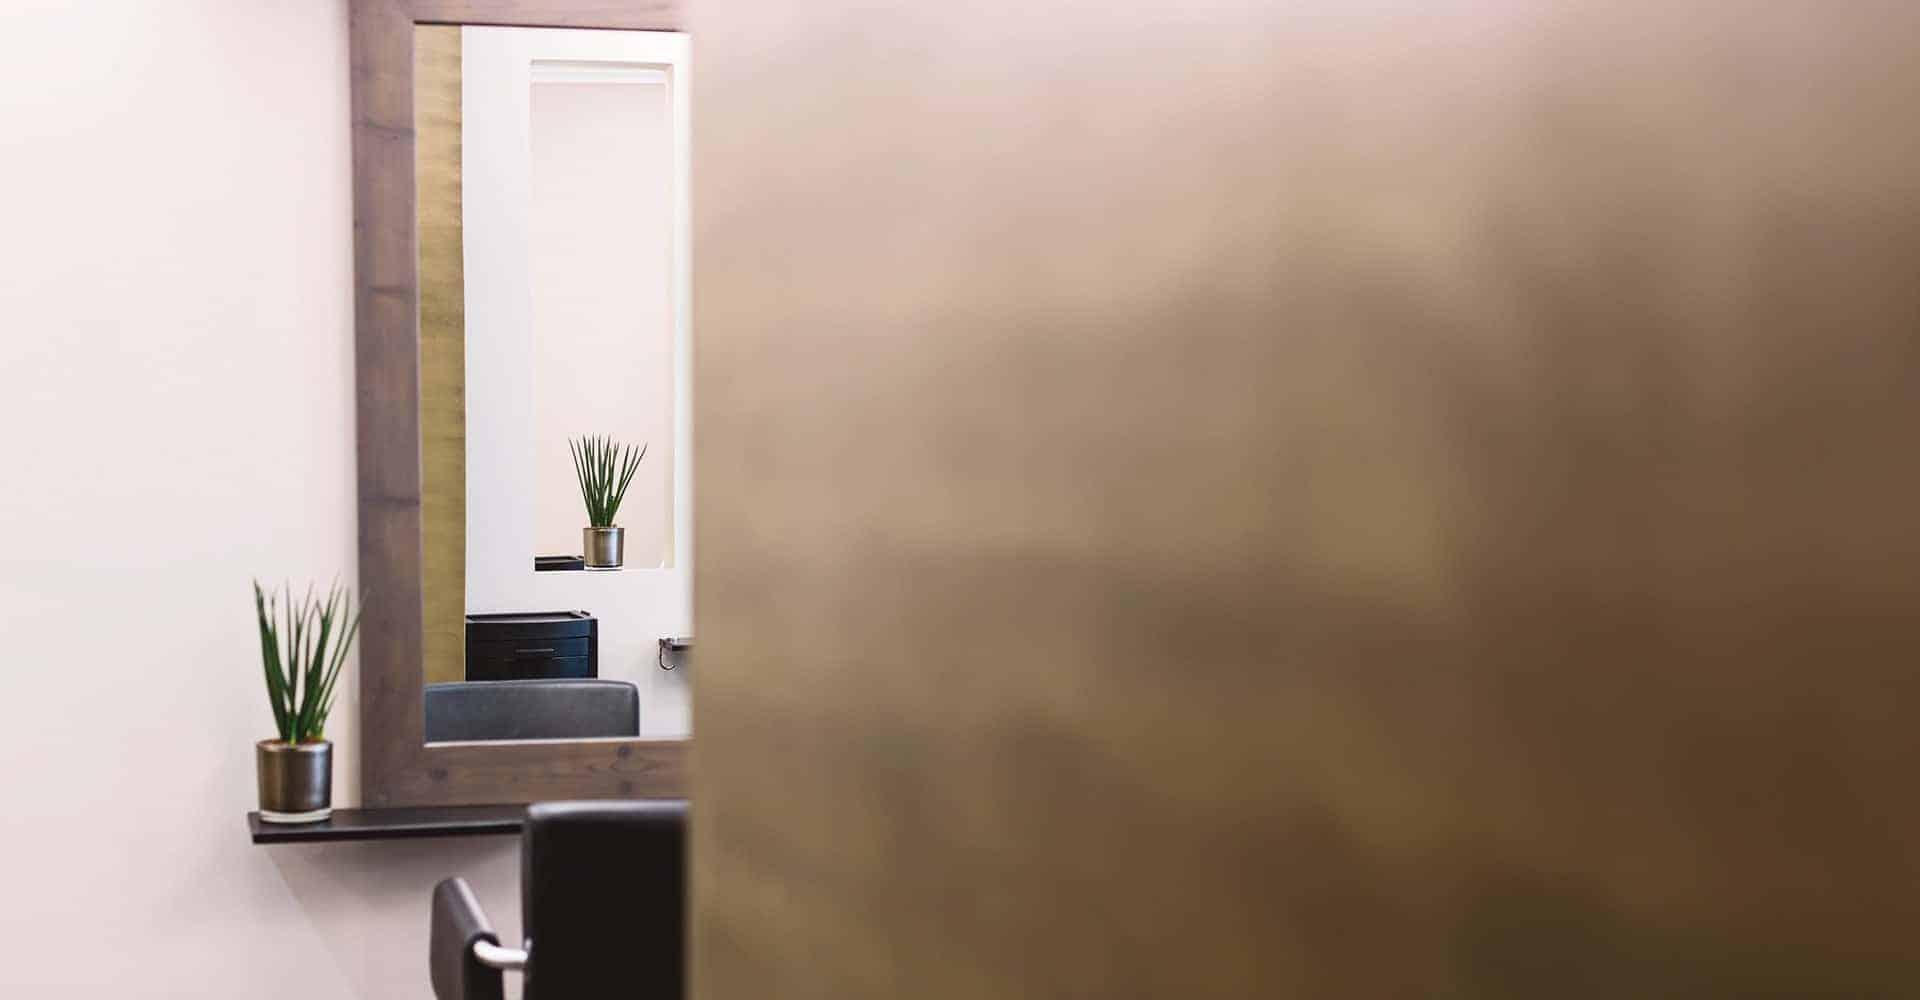 FRISEUR HAARMONIE DRESDEN | LADENBAU FRISEURGESCHÄFT DRESDEN | Ladenbau eines Friseur-Geschäftes in der Rähnitzgasse Dresden. Der Inhaber Torsten Lehmann gab uns freie Hand, ein Gestaltungskozept zu entwickeln. So wurde innerhalb von 4 Wochen das Ladengeschäft auf der Rähnitzgasse in Dresden komplett entkernt und wieder neu aufgebaut. Ein optisches Highlight ist die Platinierung von 2 Wandflächen mit flüssigen Metall. Nach Trocknung wird die Oberfläche zum glänzen gebracht. Der Bodenbelag ist hoch strapazierfähig. Die Verkaufsregale sind mit hochleistungs-RGB-LED-Leuchten ausgestattet um verschiedene Farbkonzepte zu inszenieren.